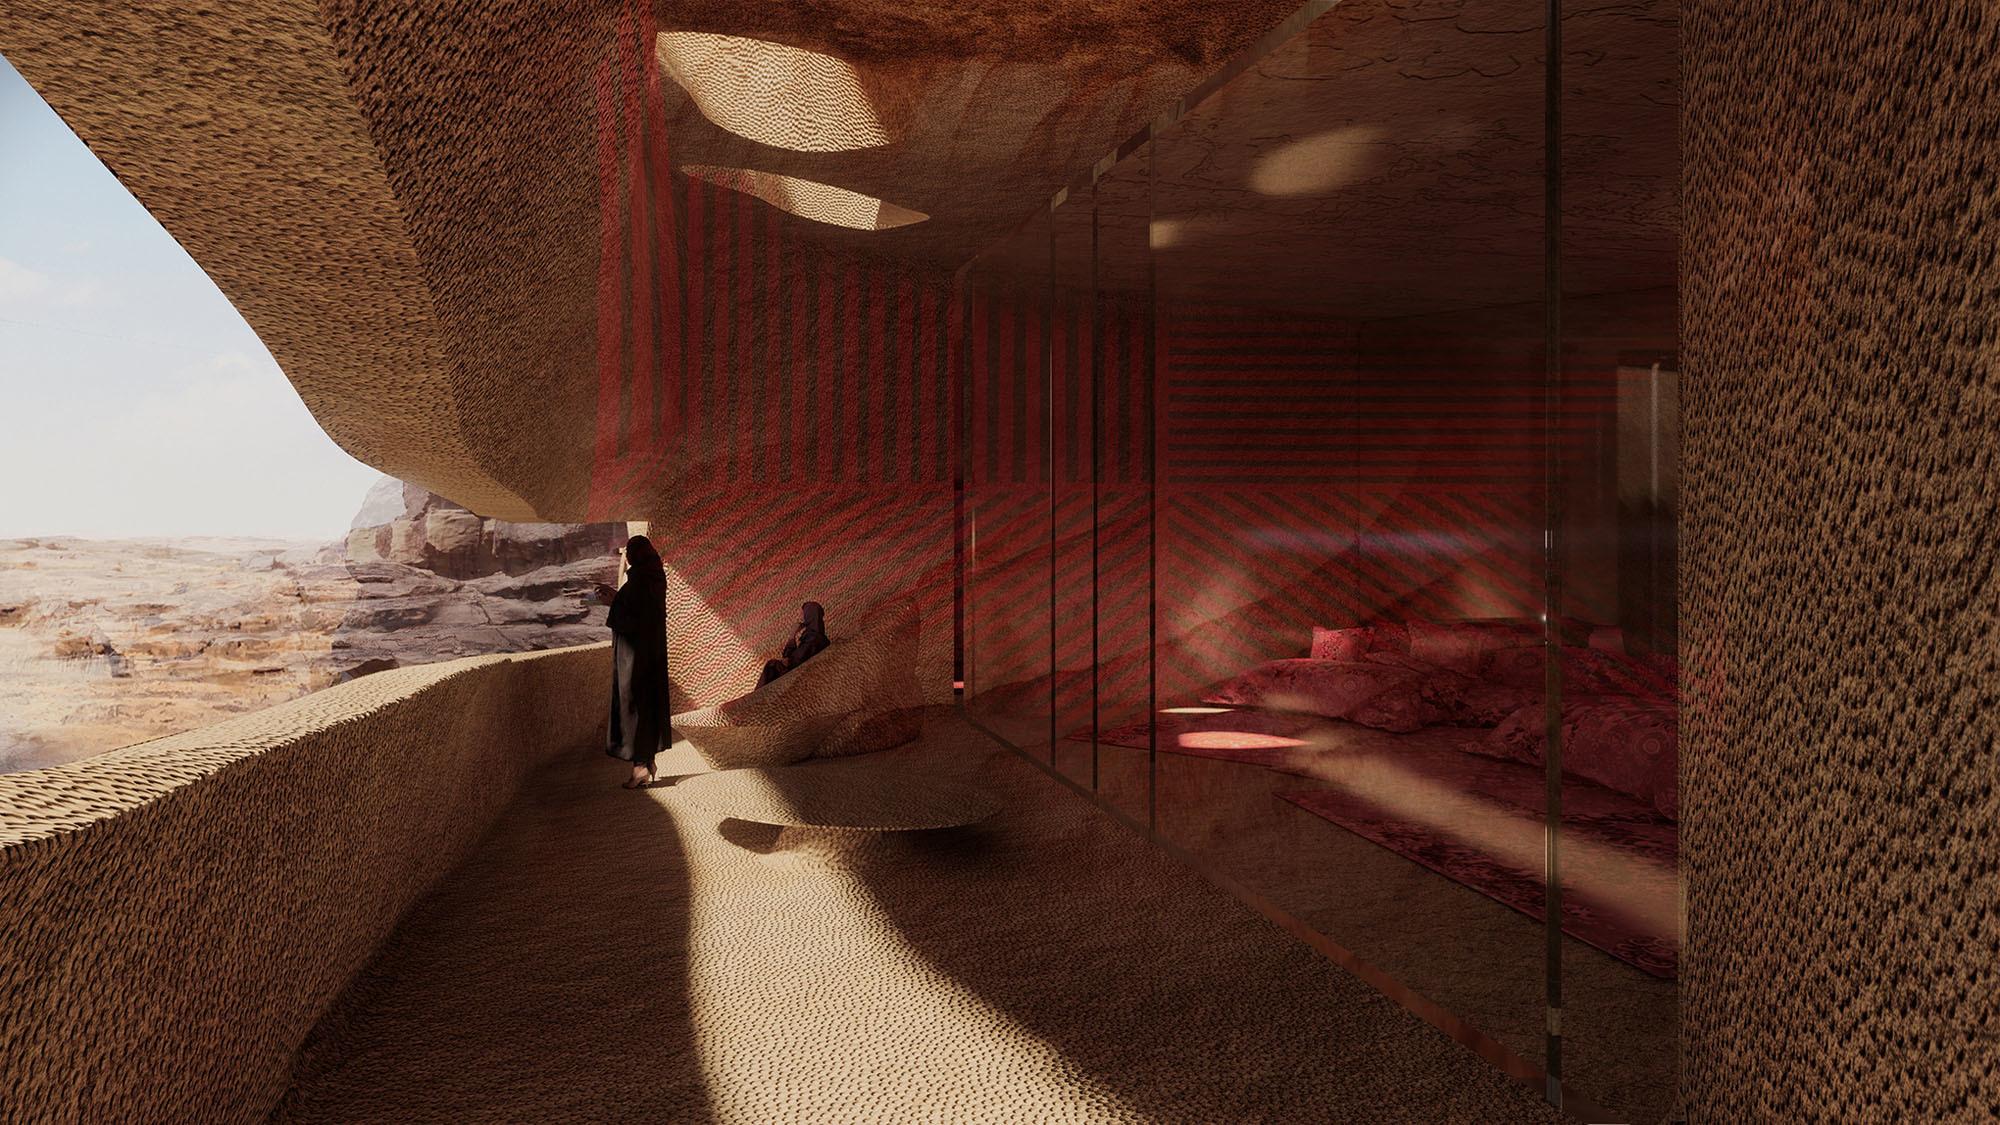 Die natürlichen Einhöhlungen werden weiter in den Felsen hineingetrieben, sodass sie horizontale Schlitze bilden. Sie öffnen die dahinter liegenden Suiten nach draußen – zum Tageslicht und zur Aussicht.